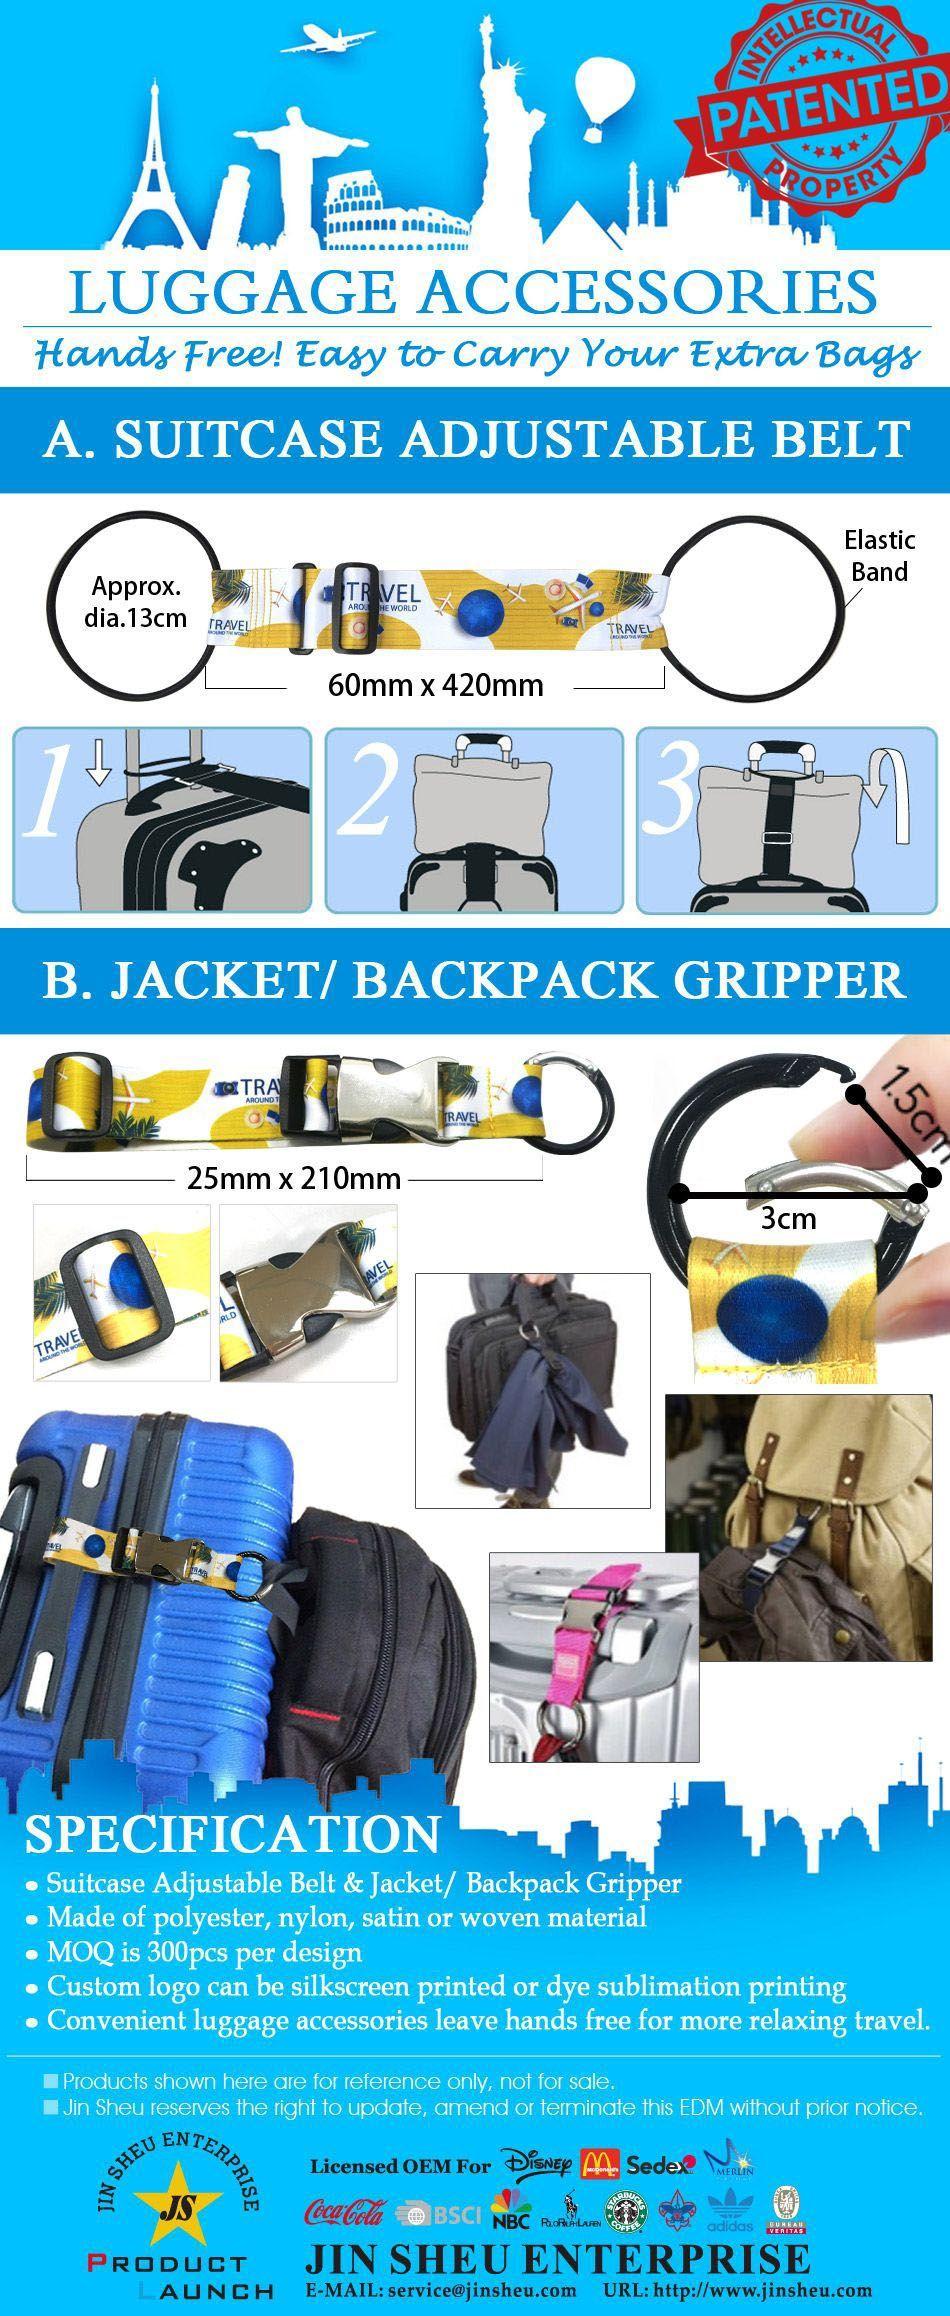 Suitcase Adjustable Belt & Backpack/ Jacket Gripper